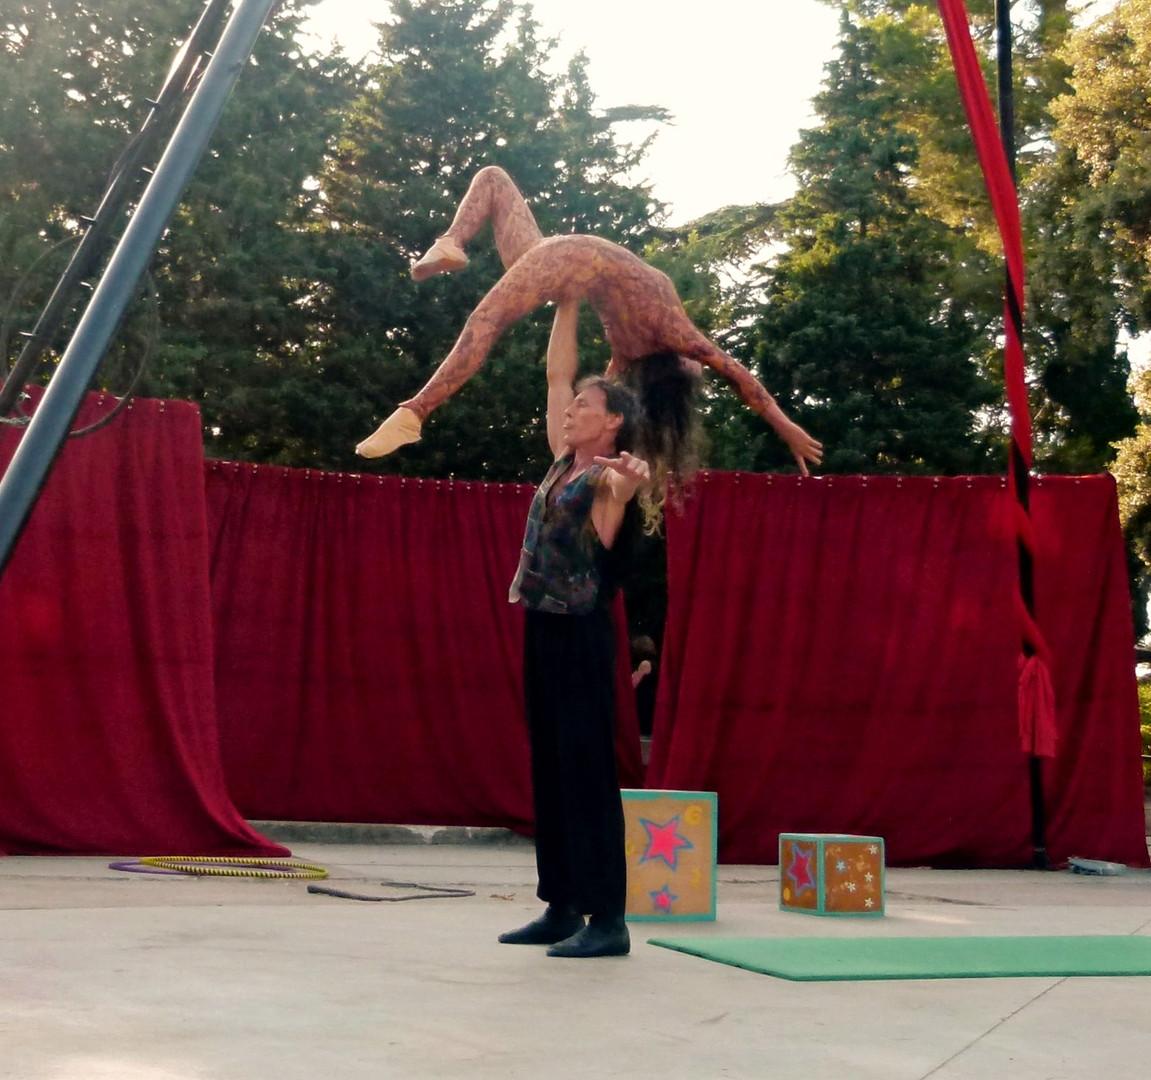 Numéro de portés acrobatiques